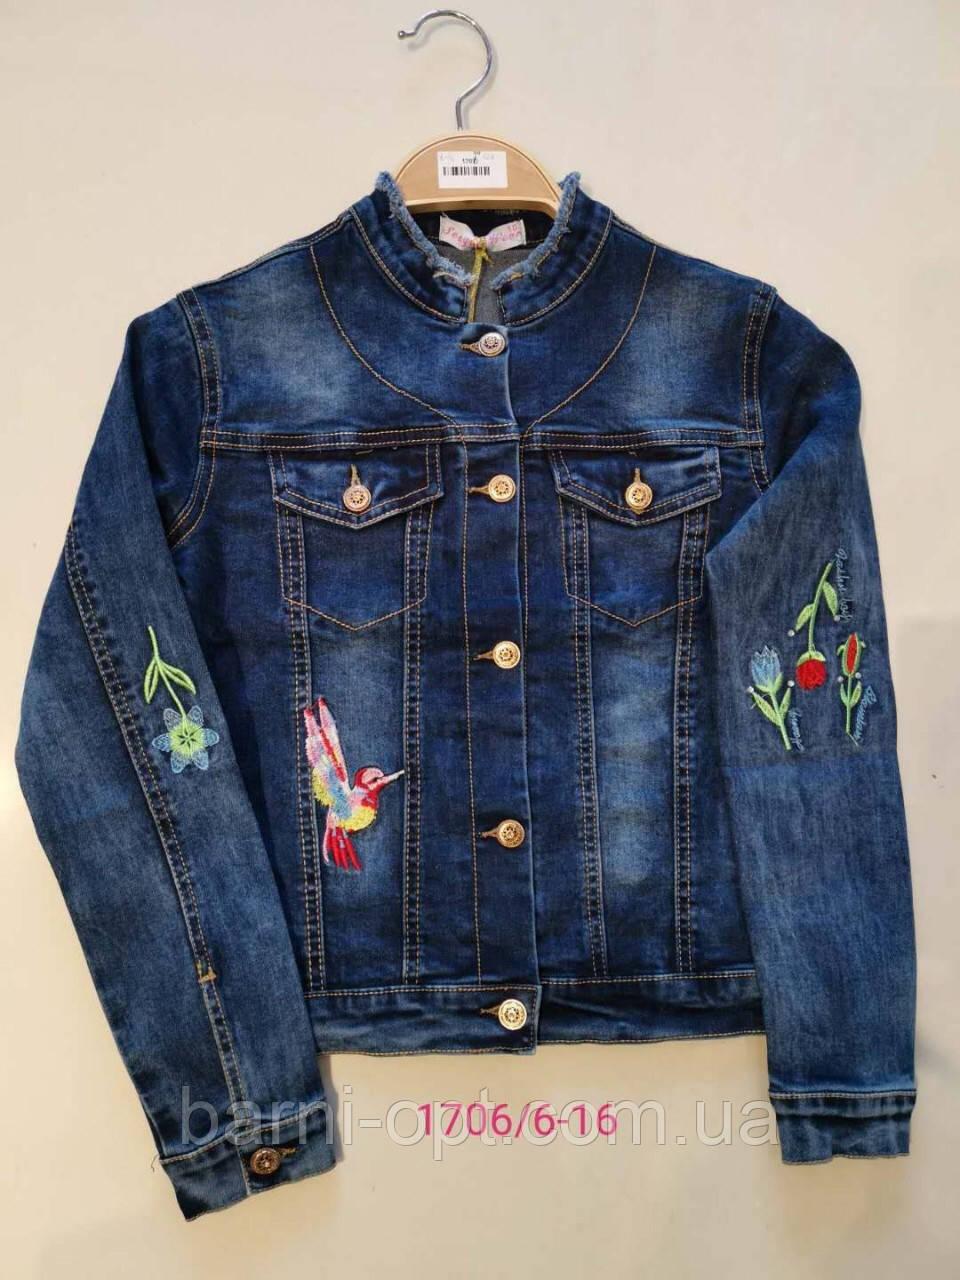 Джинсовые куртки для девочек оптом, Seagull, 6-16 рр.